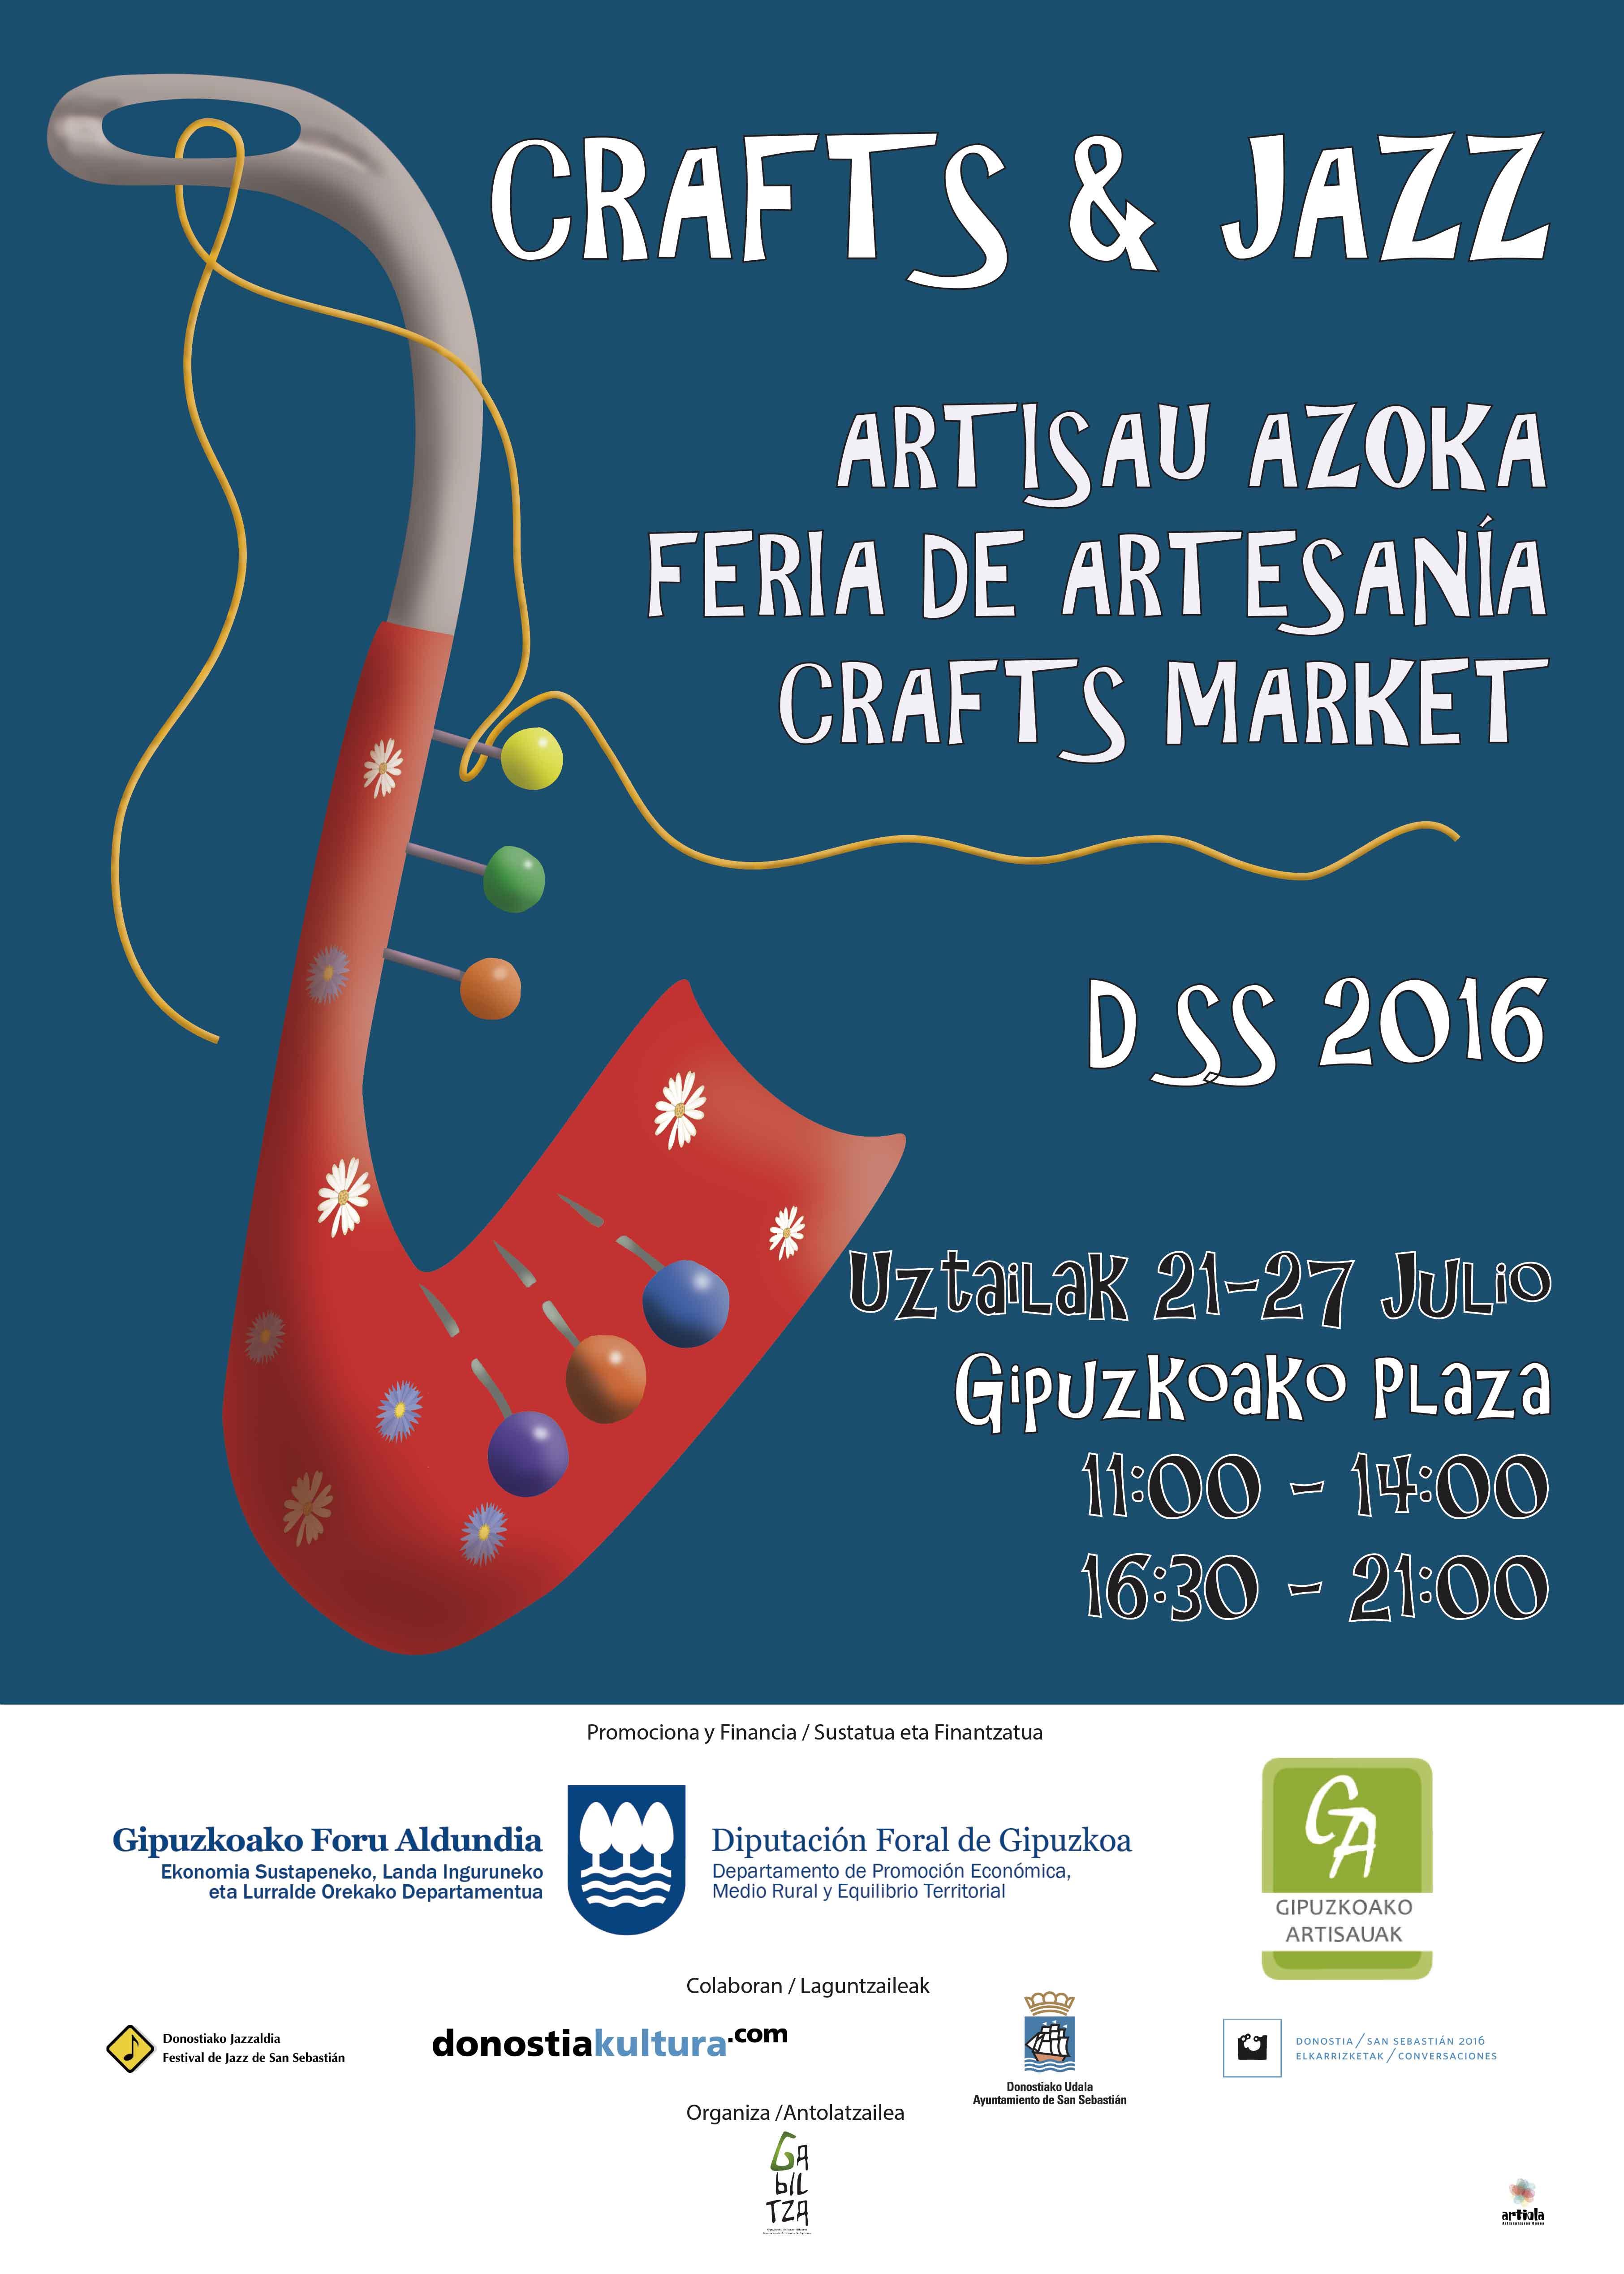 Feria de artesania crafts jazz 2016 donostia gabiltza for Feria de artesanias 2016